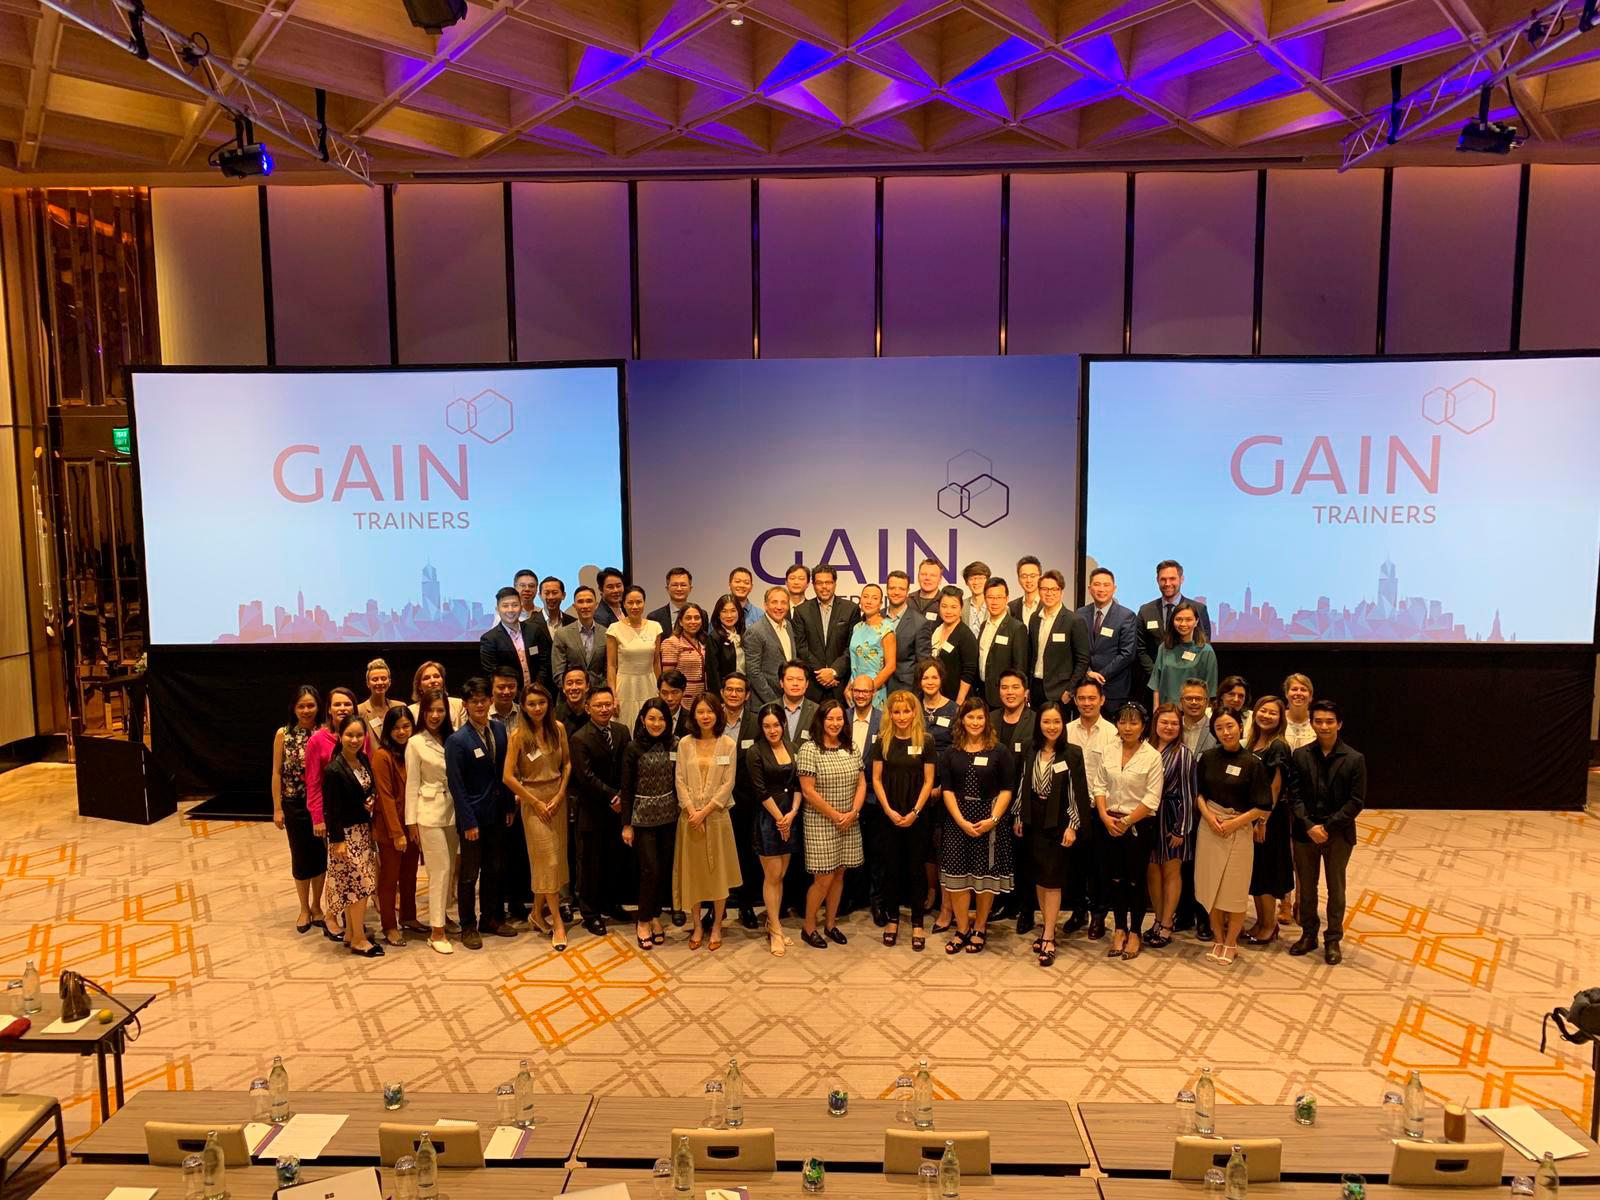 Evento IMCAS Americas 2019 en Cartagena, Colombia.